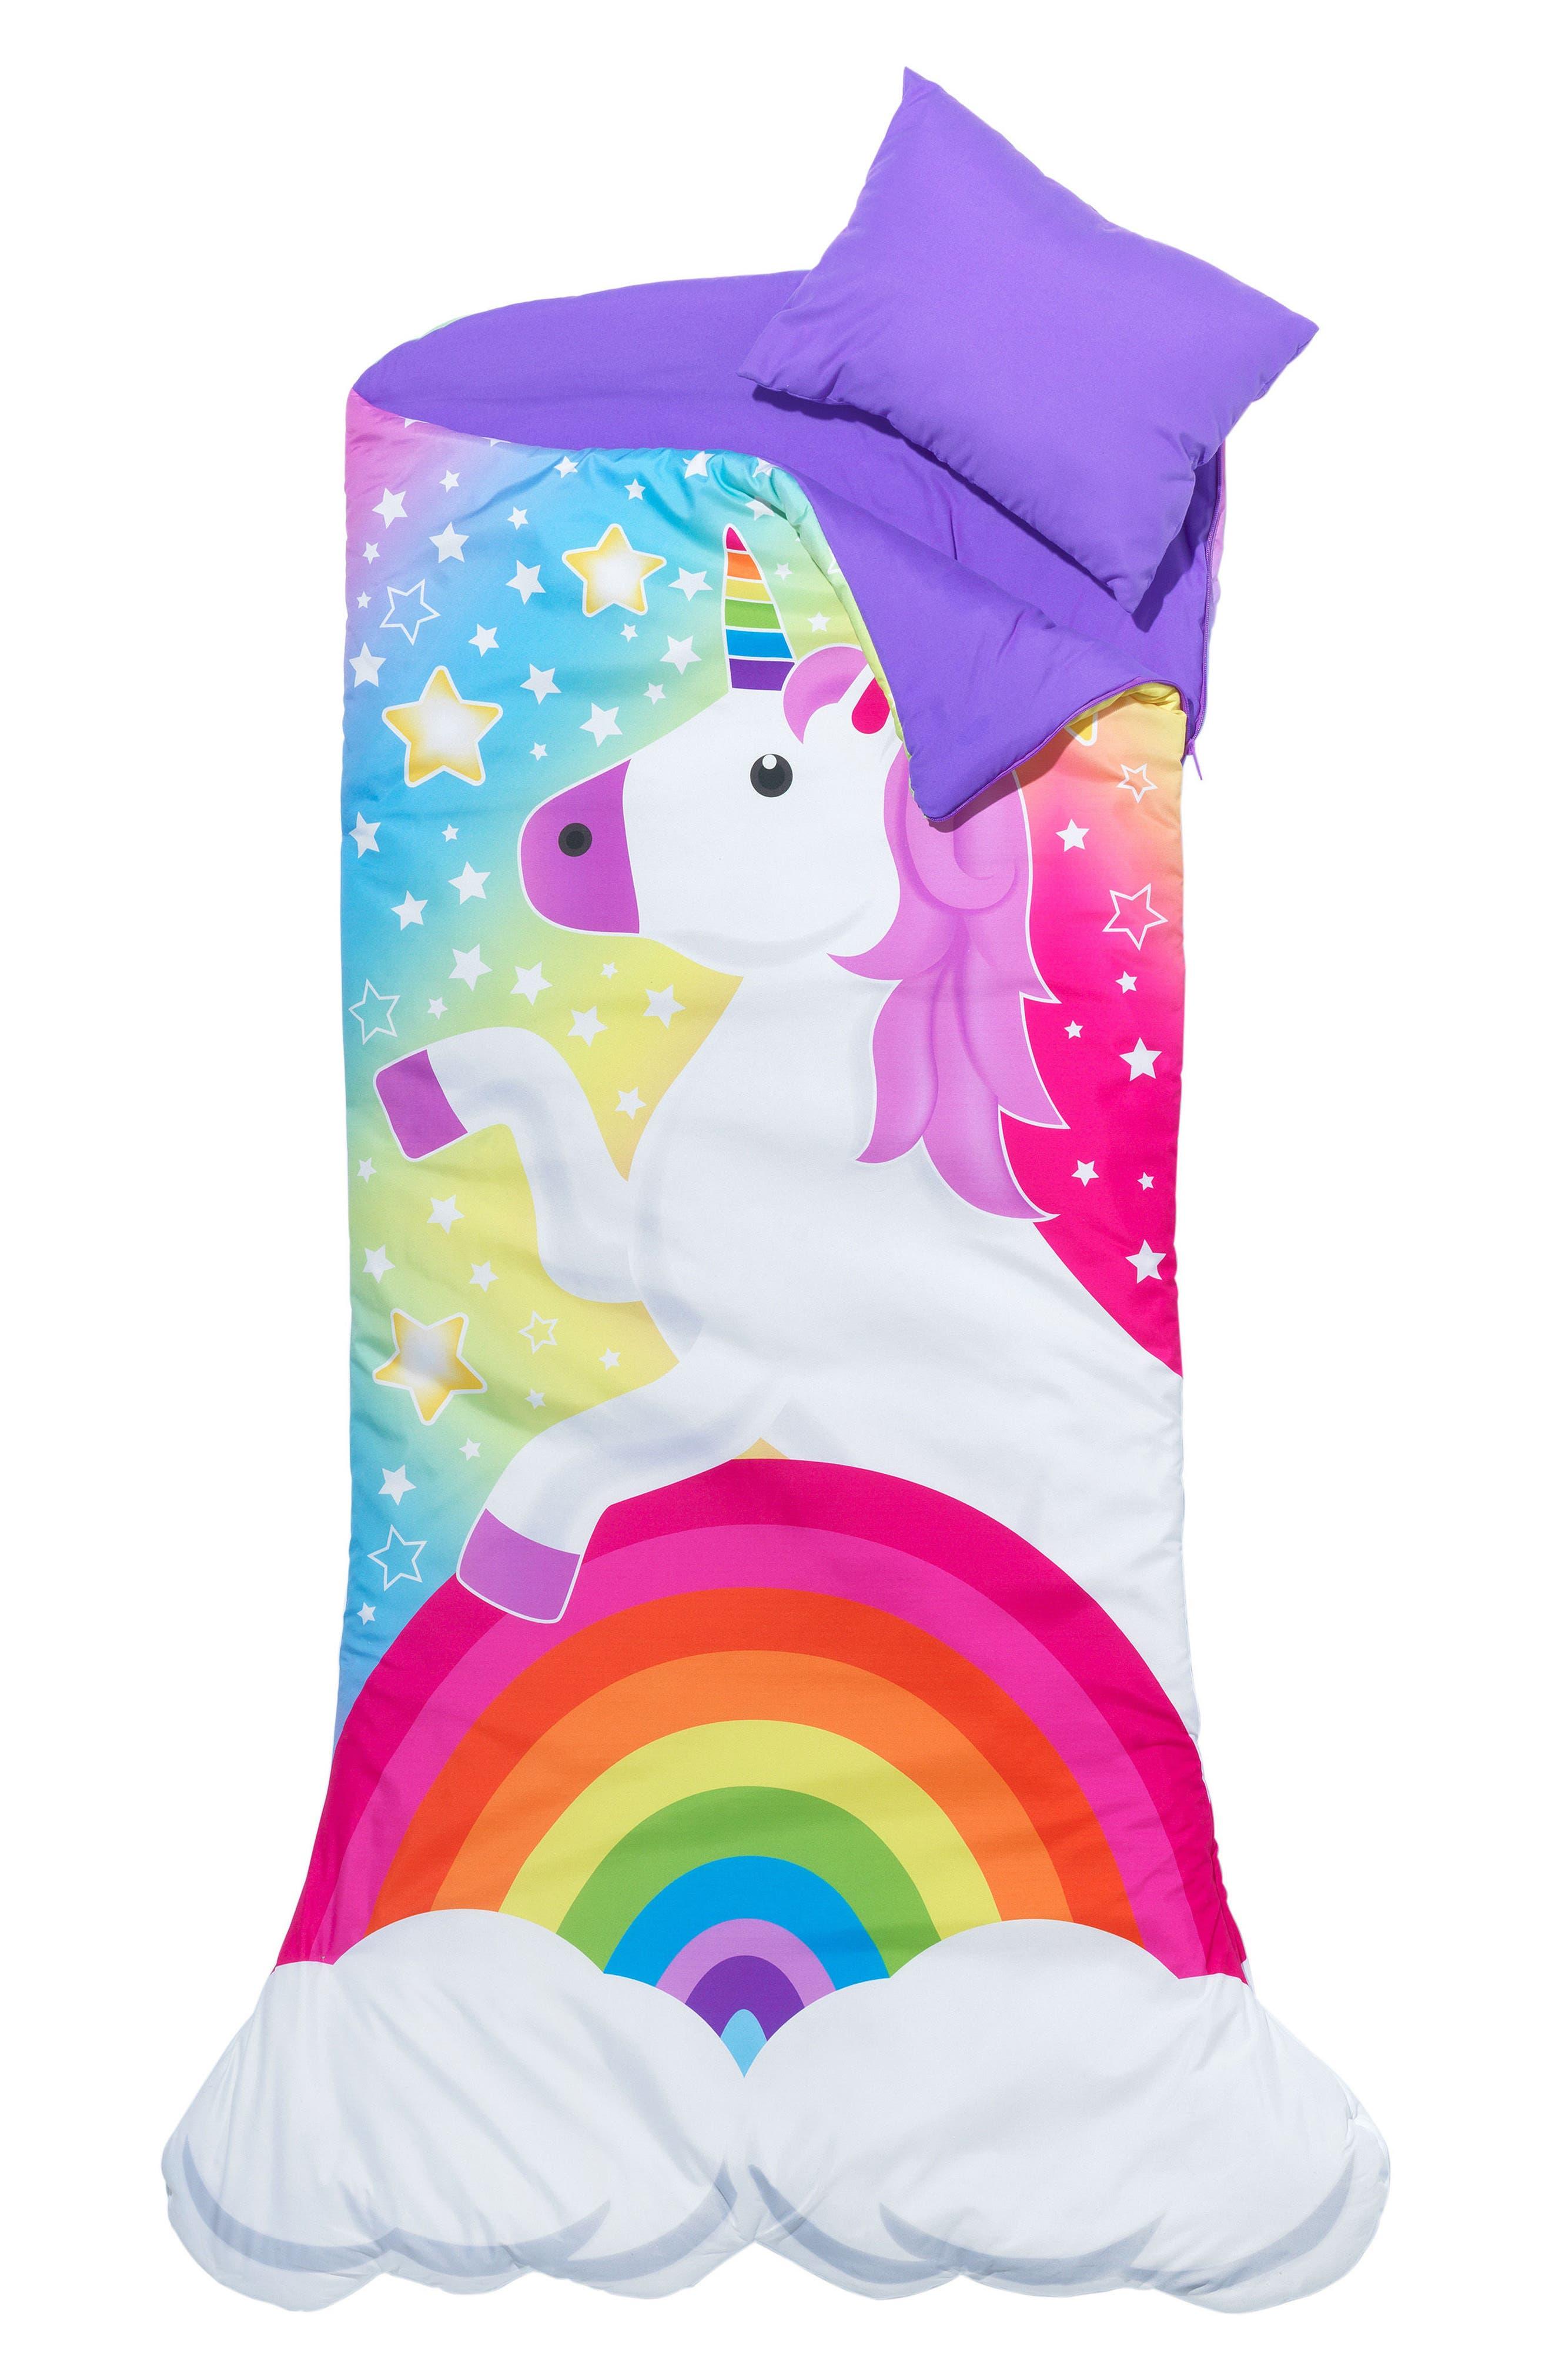 3C4G Unicorn Sleeping Bag Set Size One Size  Purple